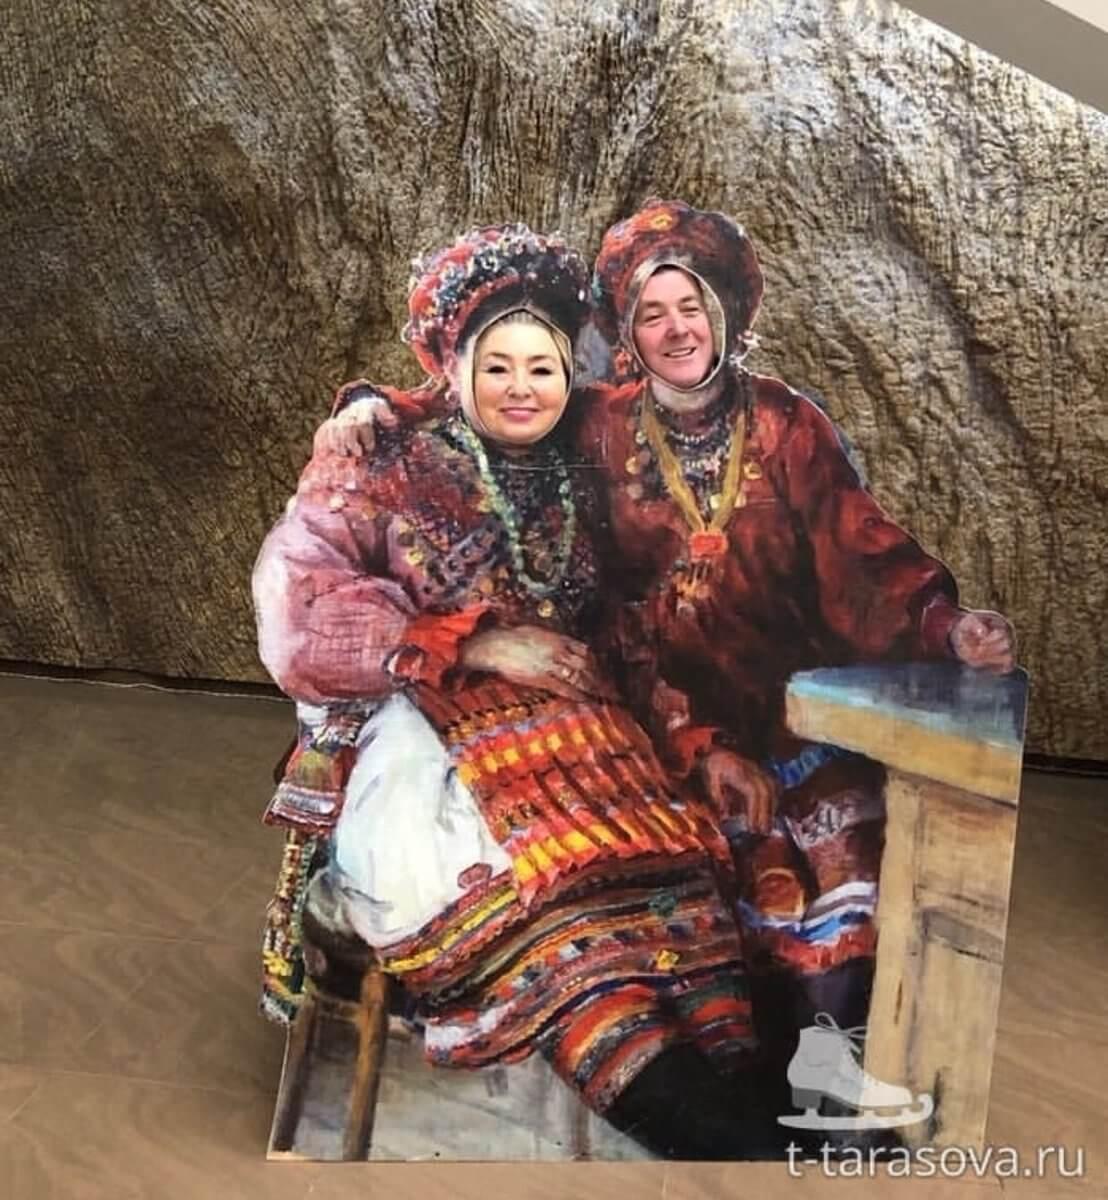 タラソワとオーサーが仲良しとわかる1枚の写真がこちらwww